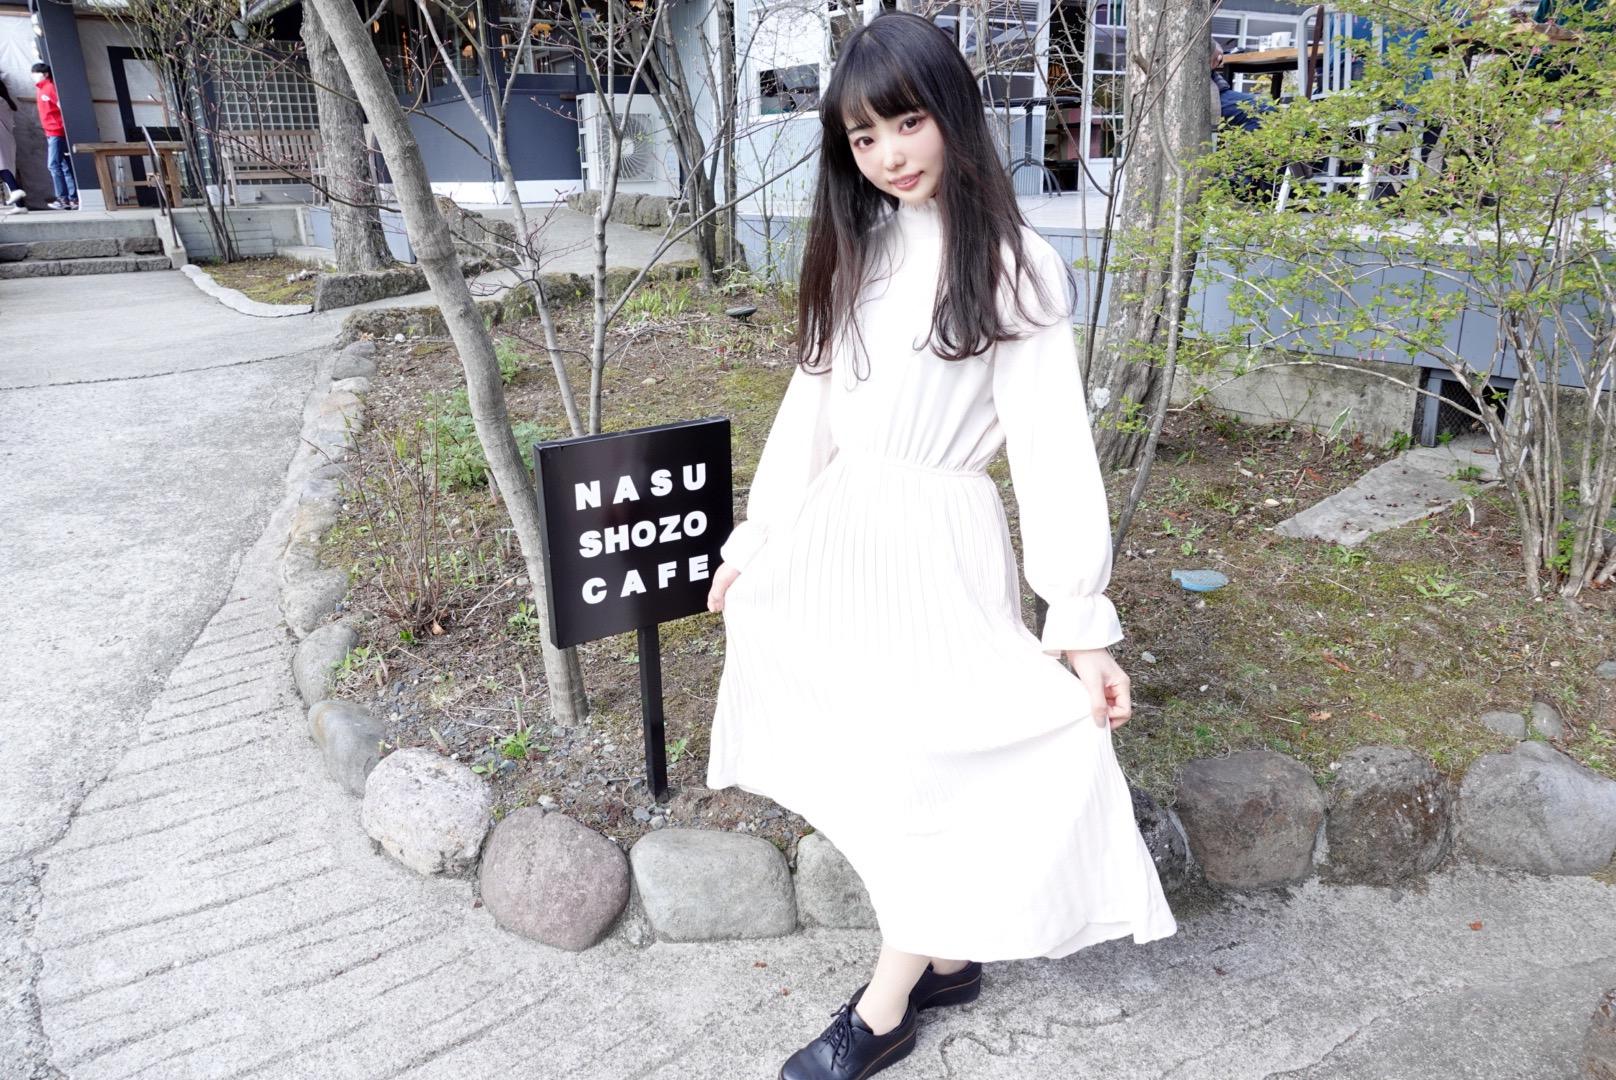 【栃木】那須にある愛犬も連れていける開放感のあるカフェ!「NASU SHOZO CAFE」コーヒーやスコーンが絶品★_6